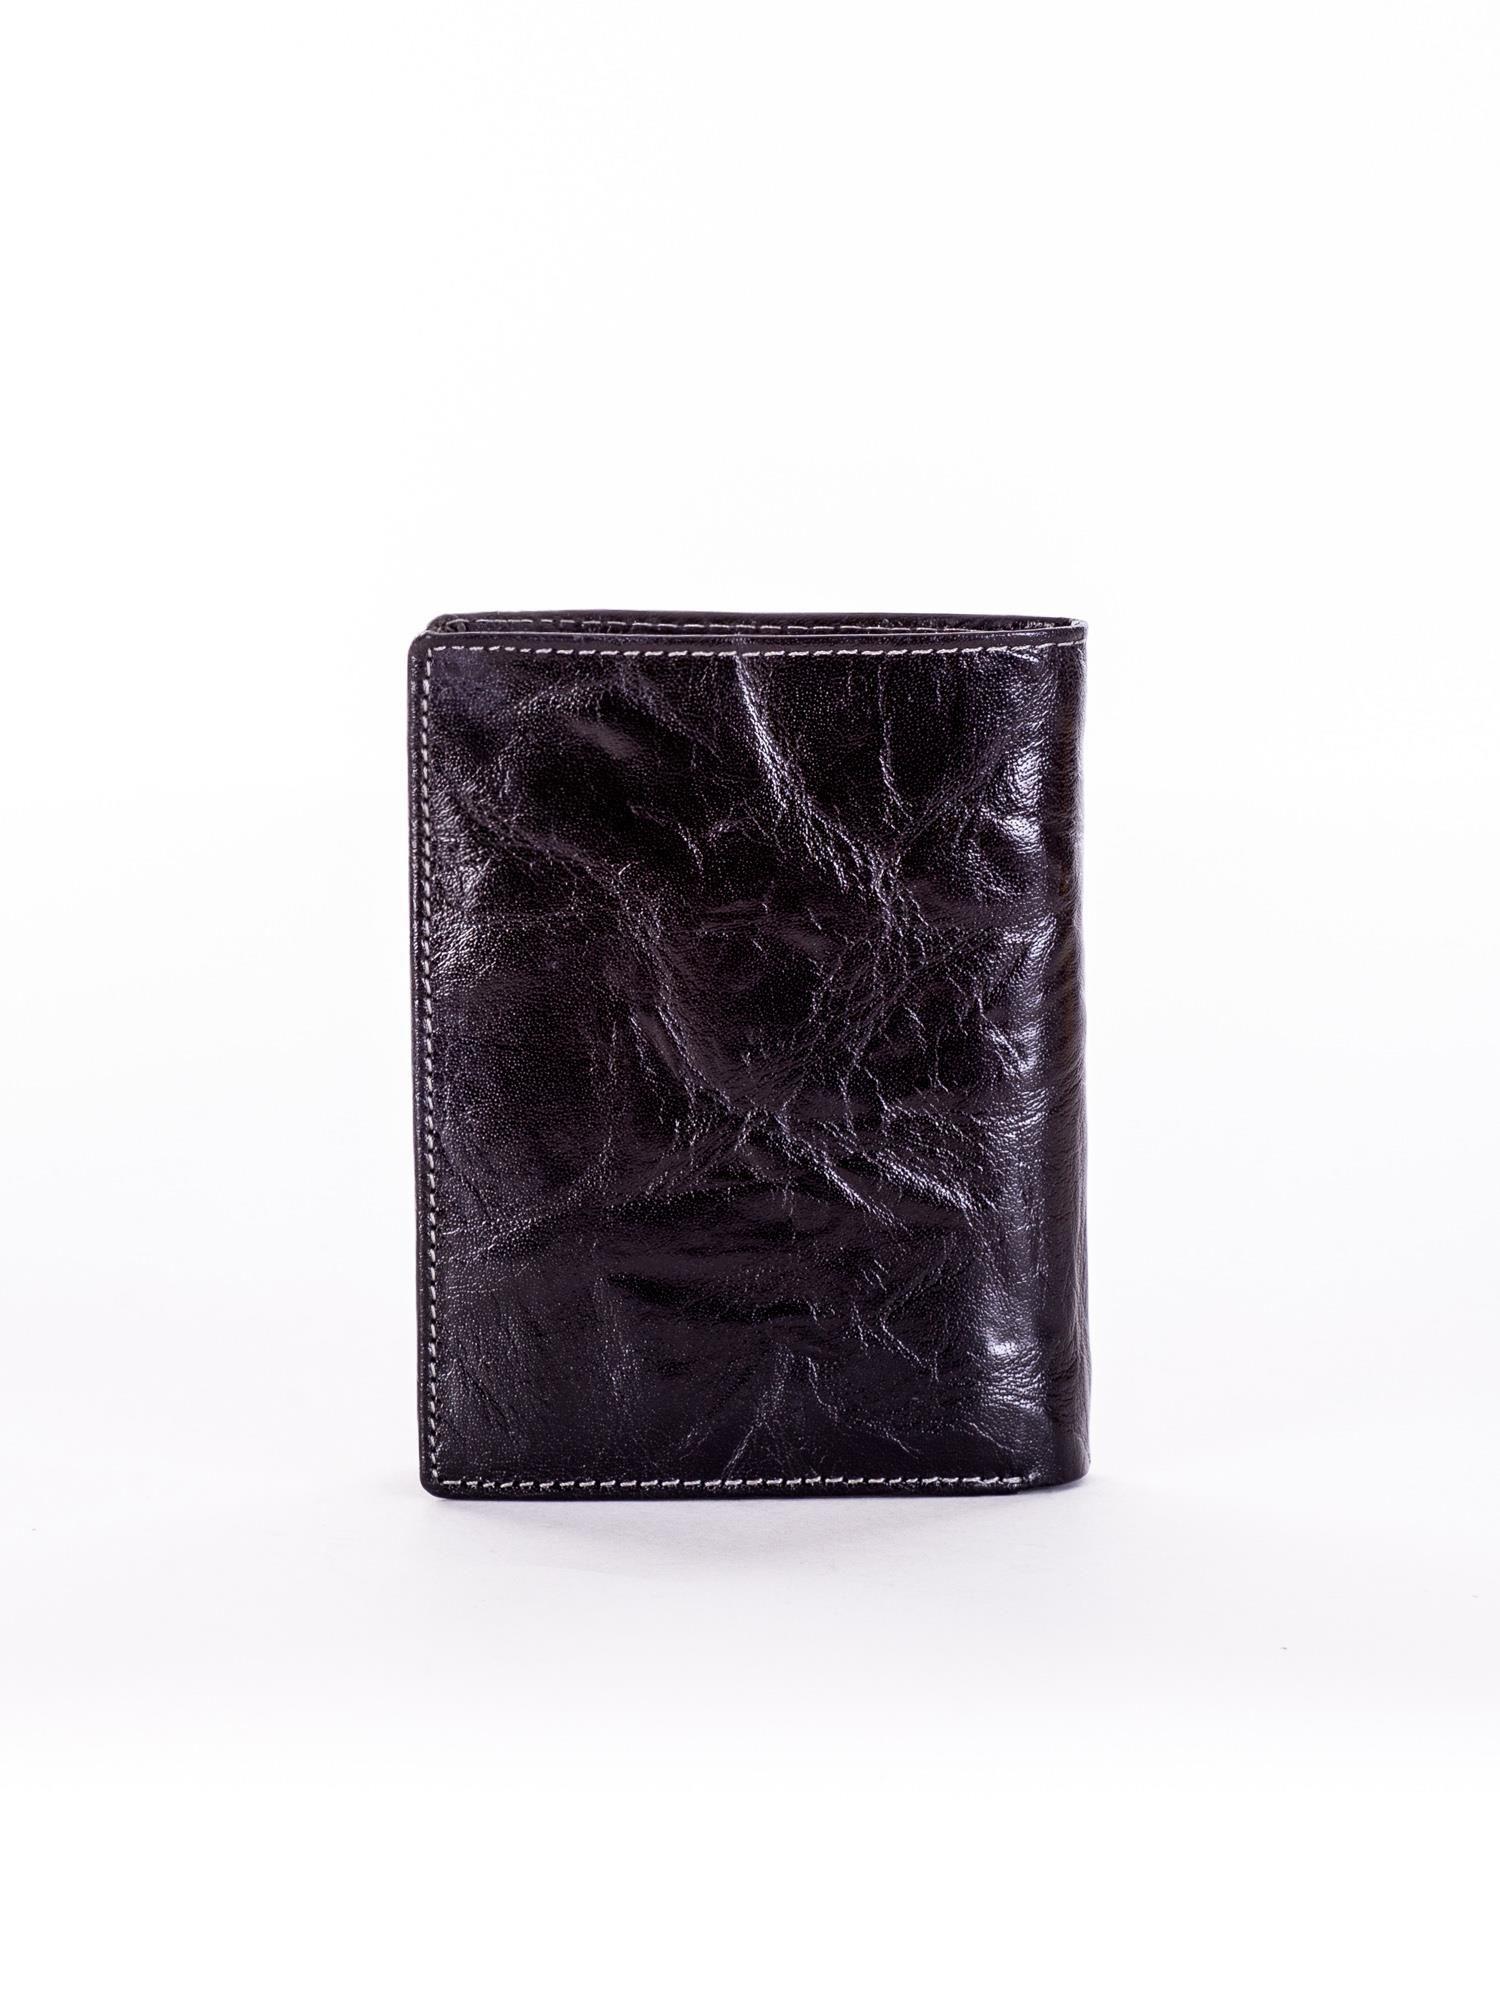 84fb6fb30e2c7 Czarny skórzany portfel męski z tłoczonym emblematem - Mężczyźni portfel  męski - sklep eButik.pl